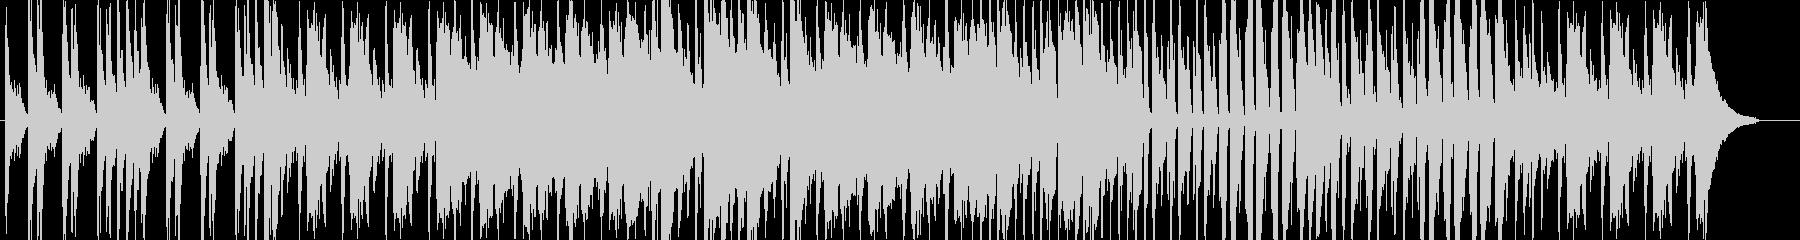 ピアノ、コントラバス、ドラムを中心にし…の未再生の波形